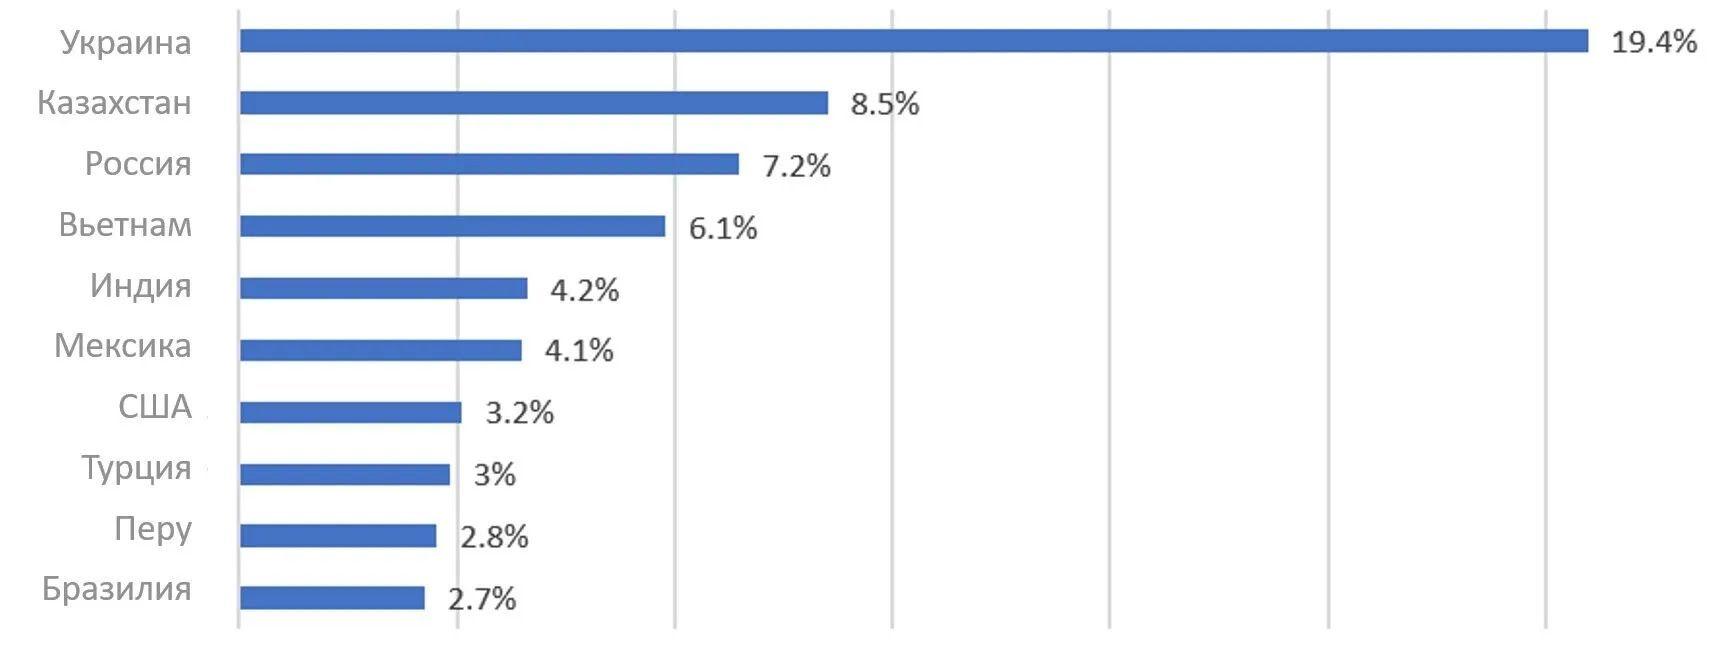 Країни з найбільшою кількістю виявлених зразків Android/FakeAdBlocker